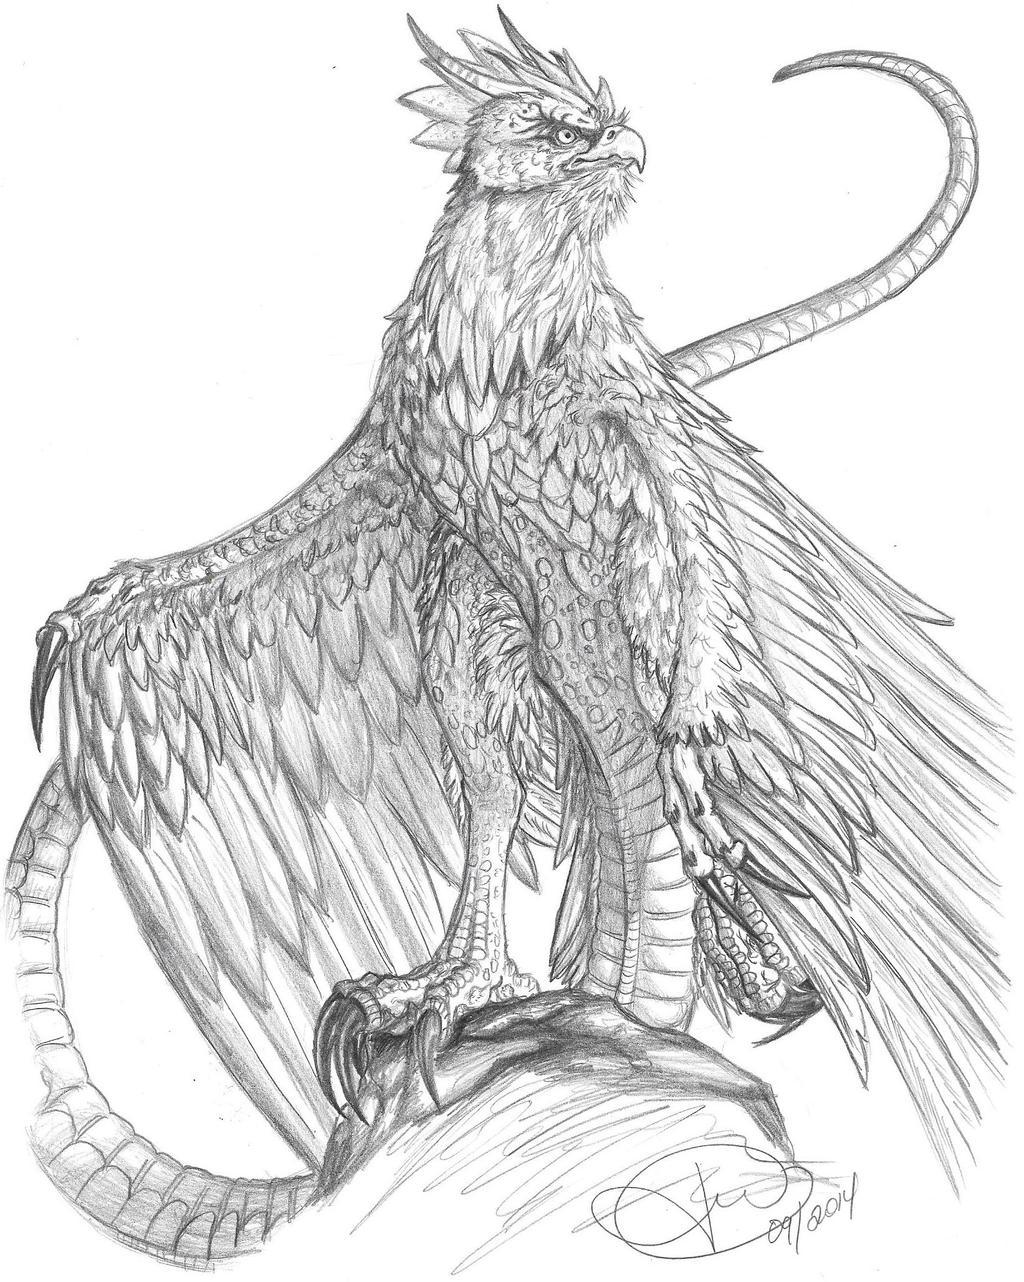 Cockatrice sketch by LoopGaroux